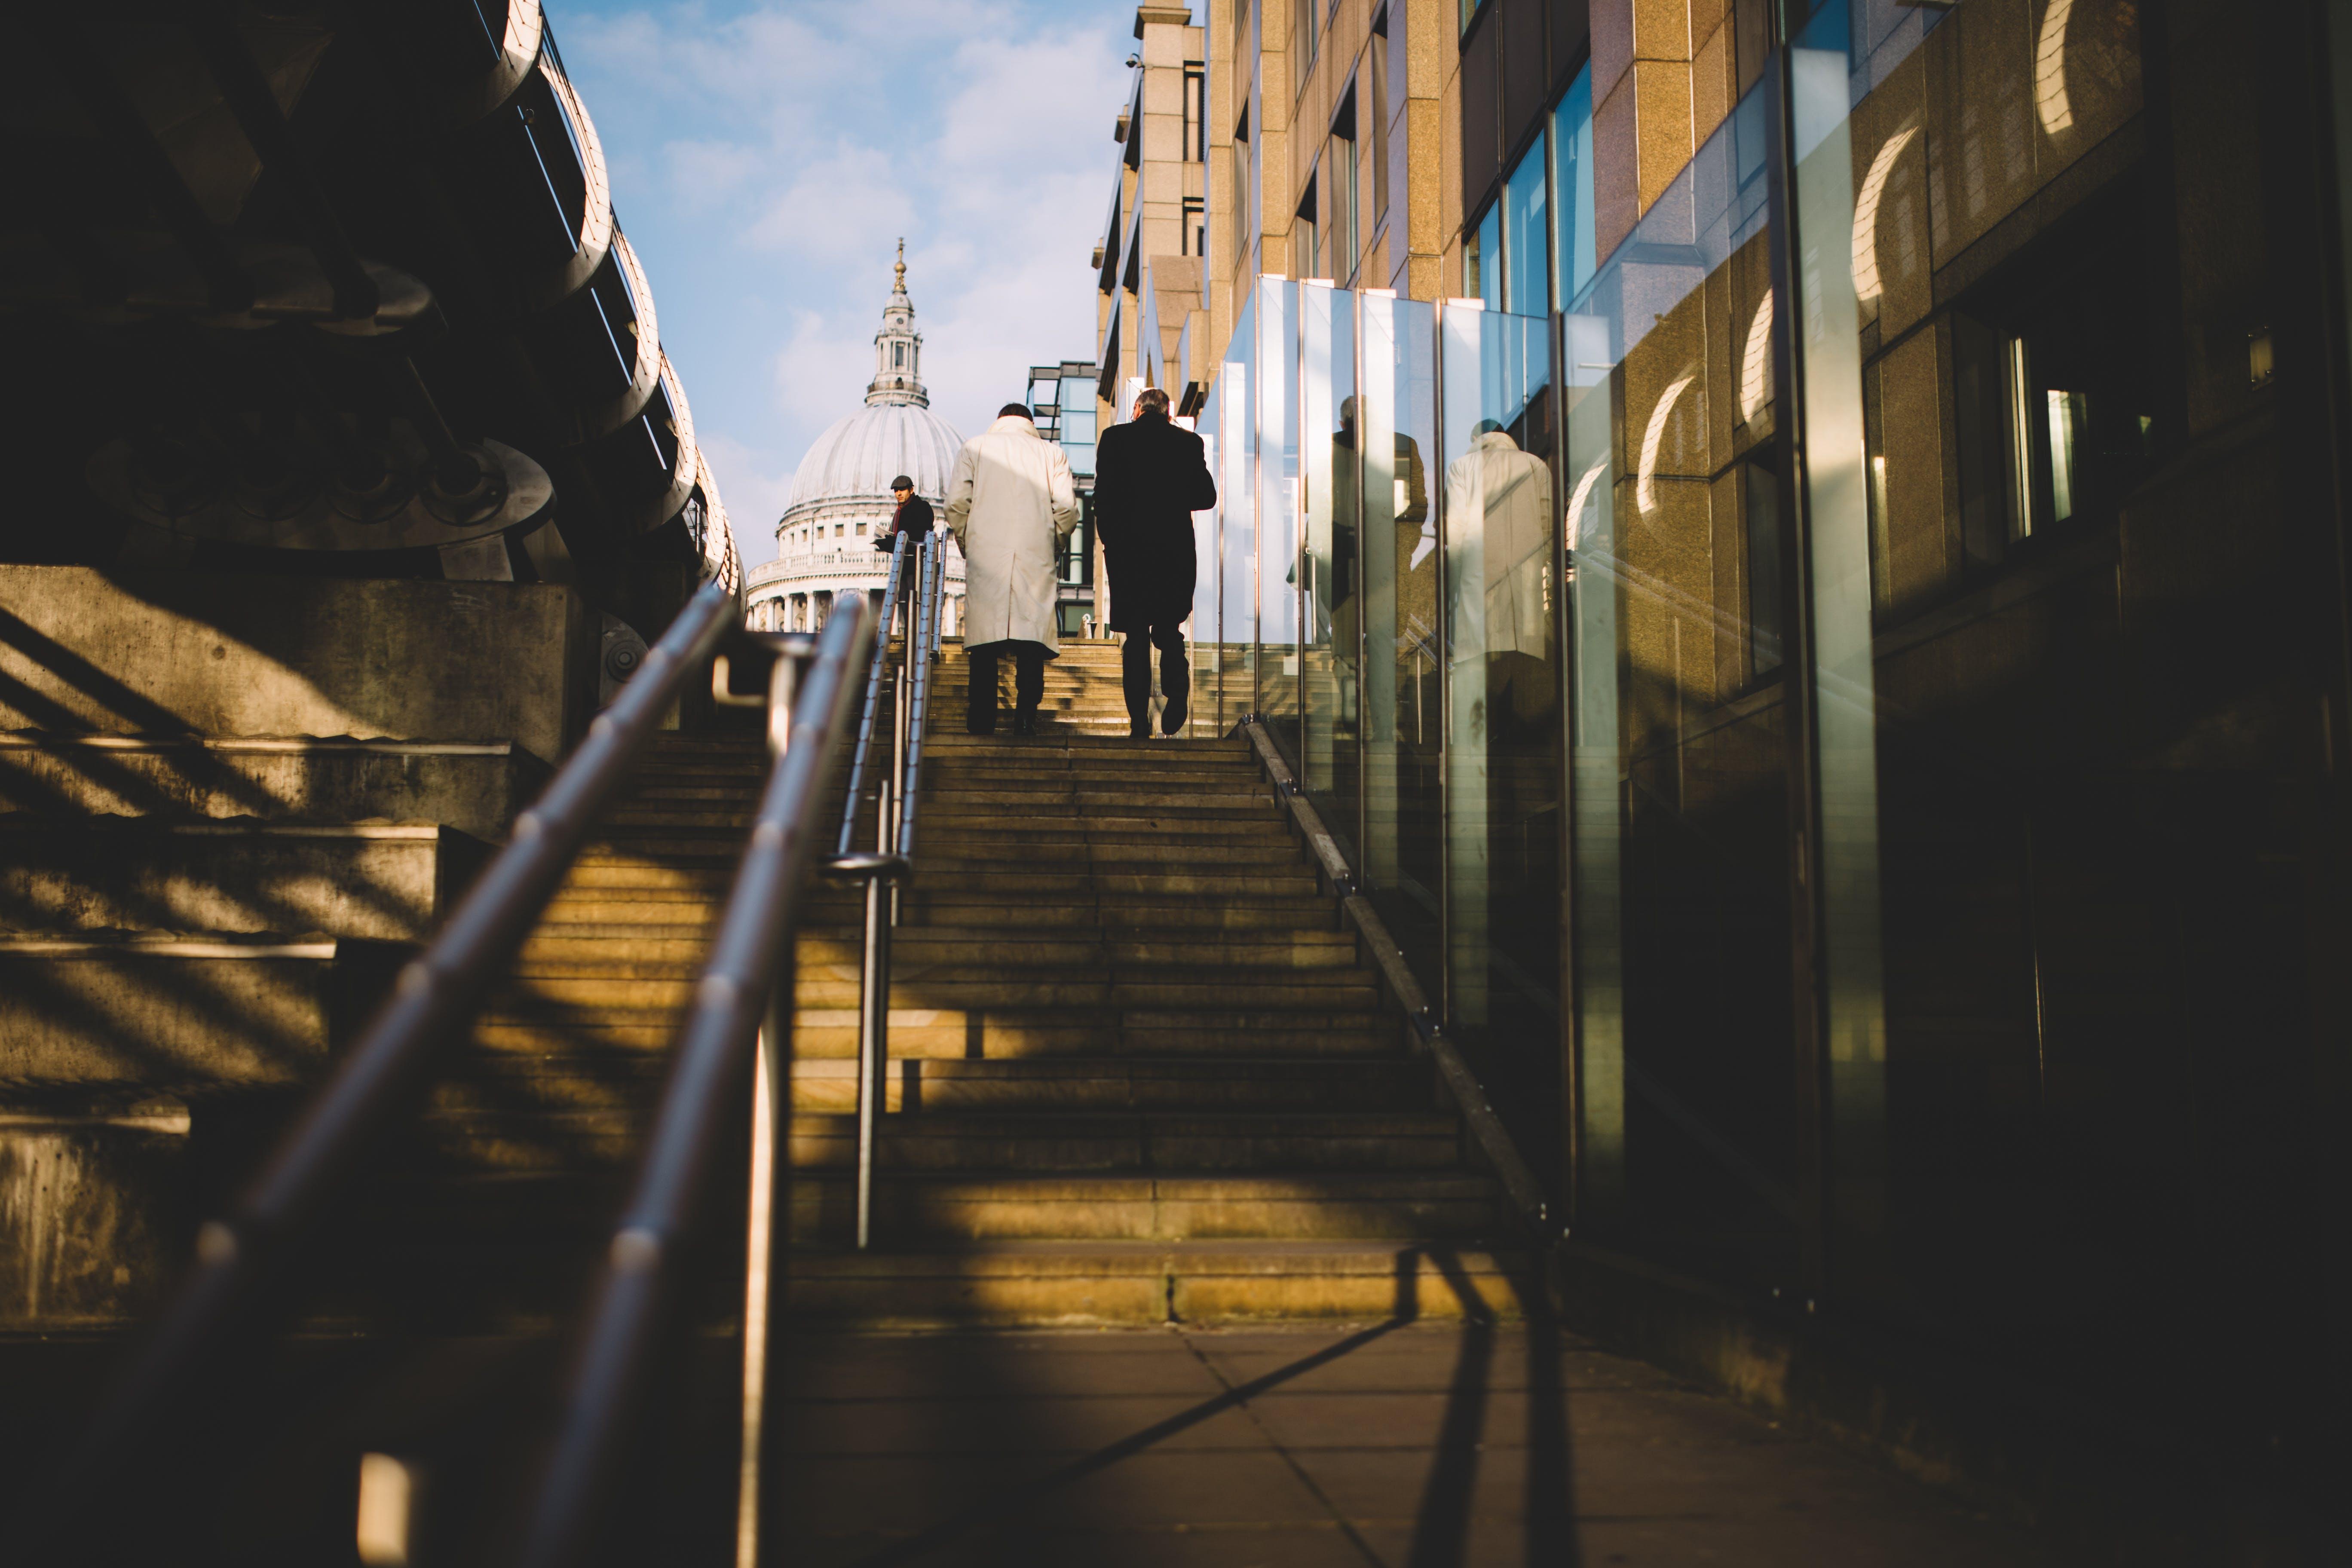 Kostenloses Stock Foto zu gebäude, geländer, menschen, stufen